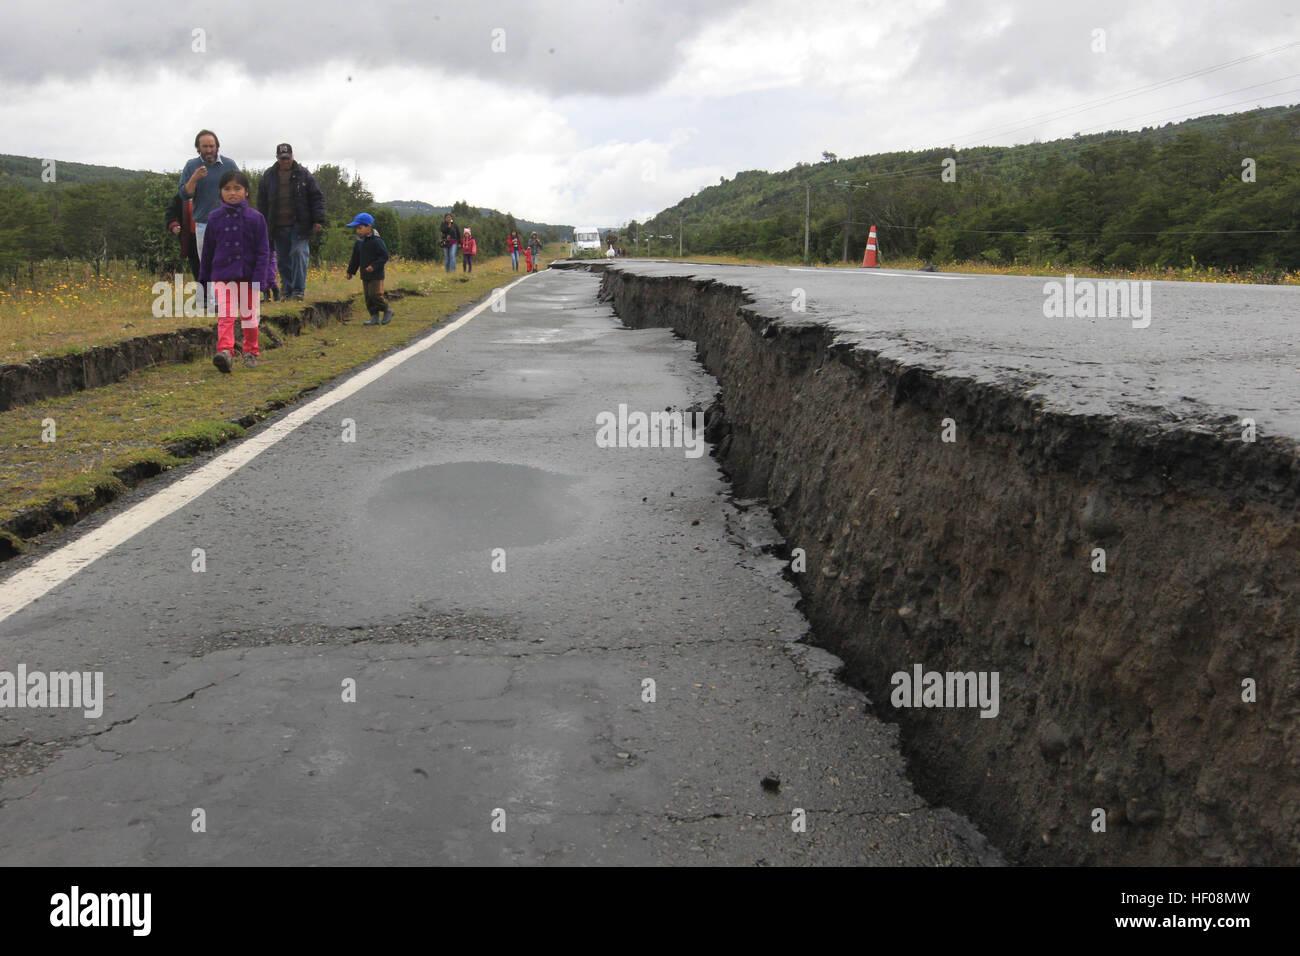 Provincia di Chiloe, Cile. 25 dicembre, 2016. Foto scattata a Dic. 25, 2016 mostra una strada danneggiata da un Immagini Stock